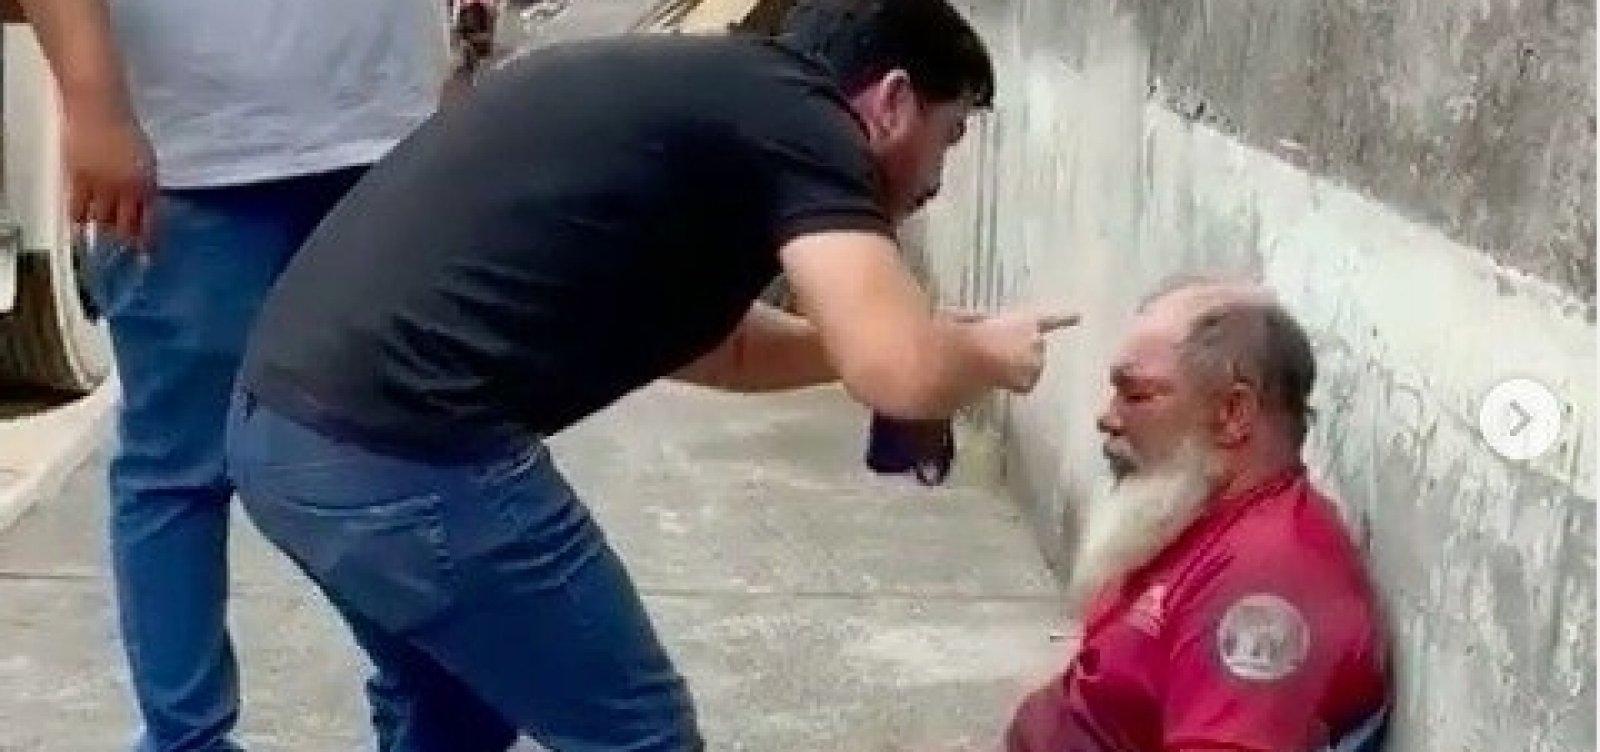 Deputado cassado Marcell Moraes filma e divulga agressão a homem acusado de espancar animal